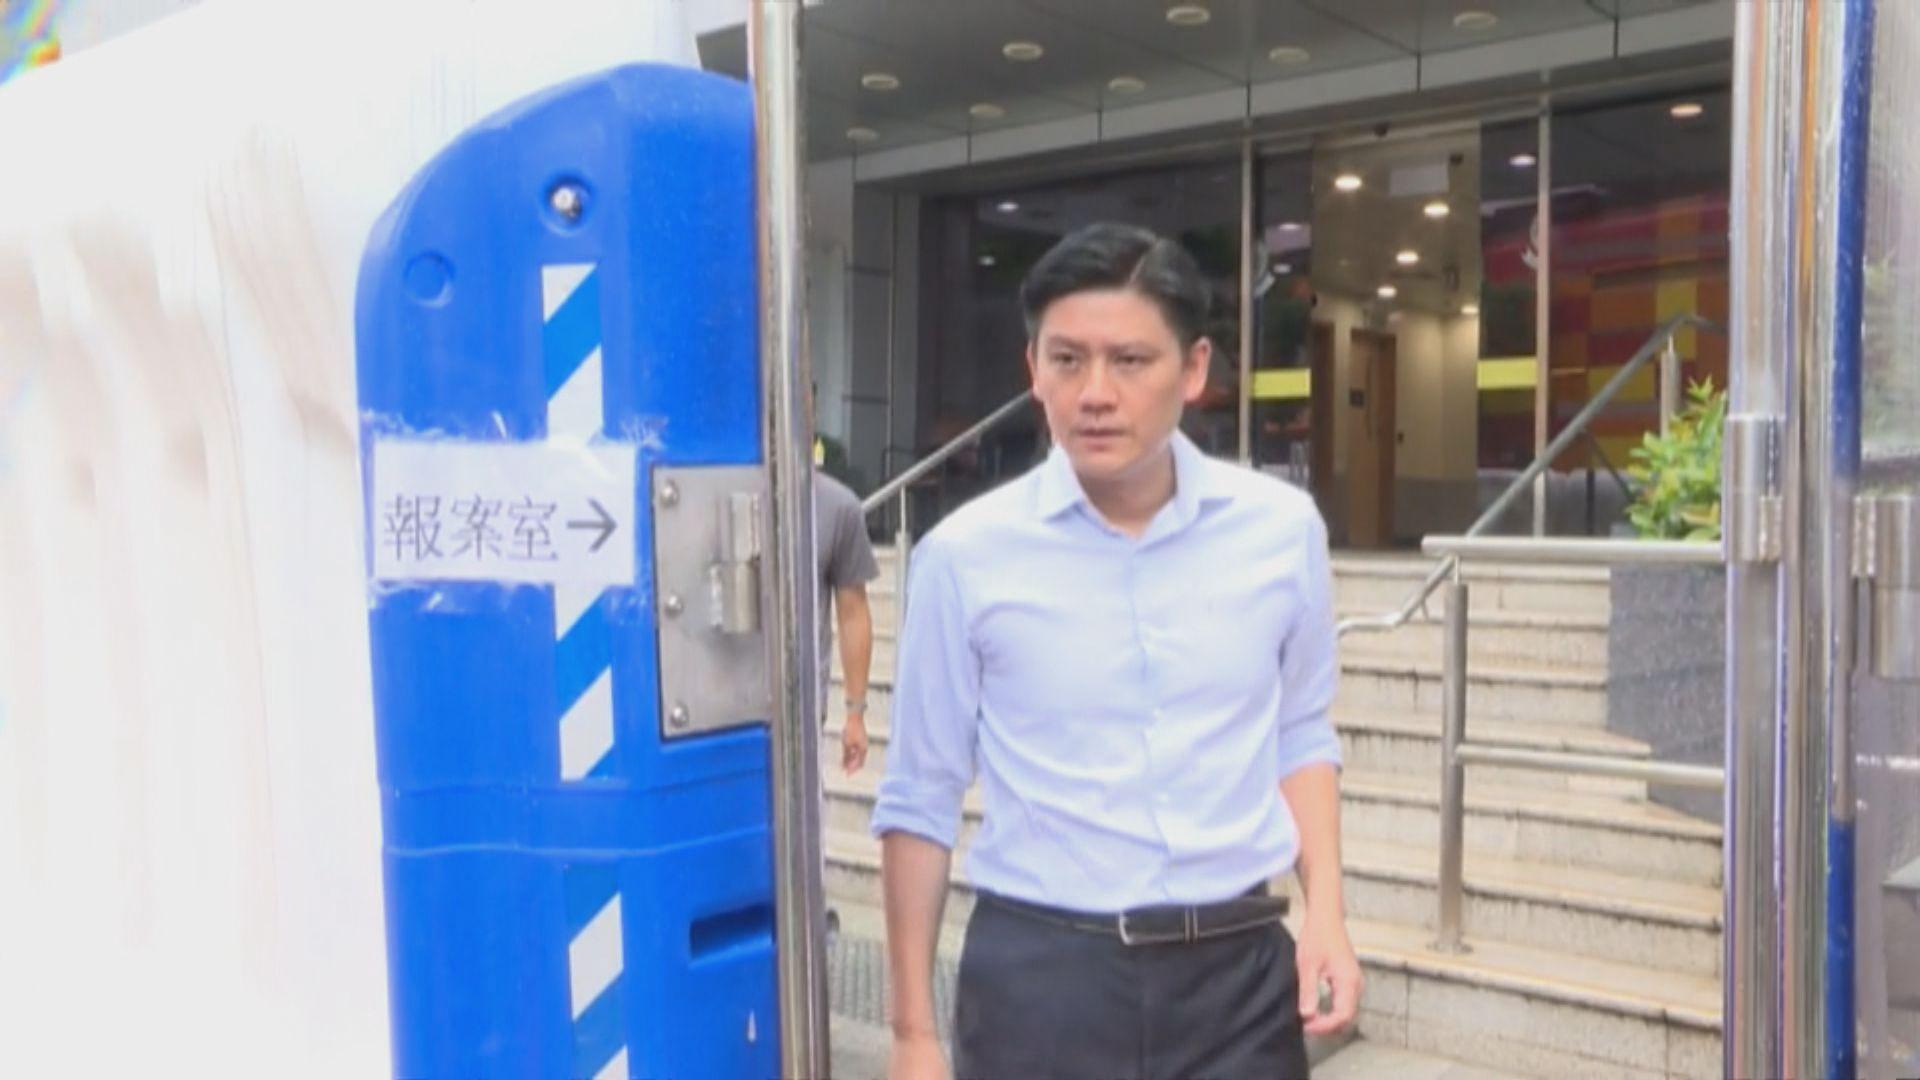 譚文豪區諾軒獲准保釋 鄭松泰仍被扣查